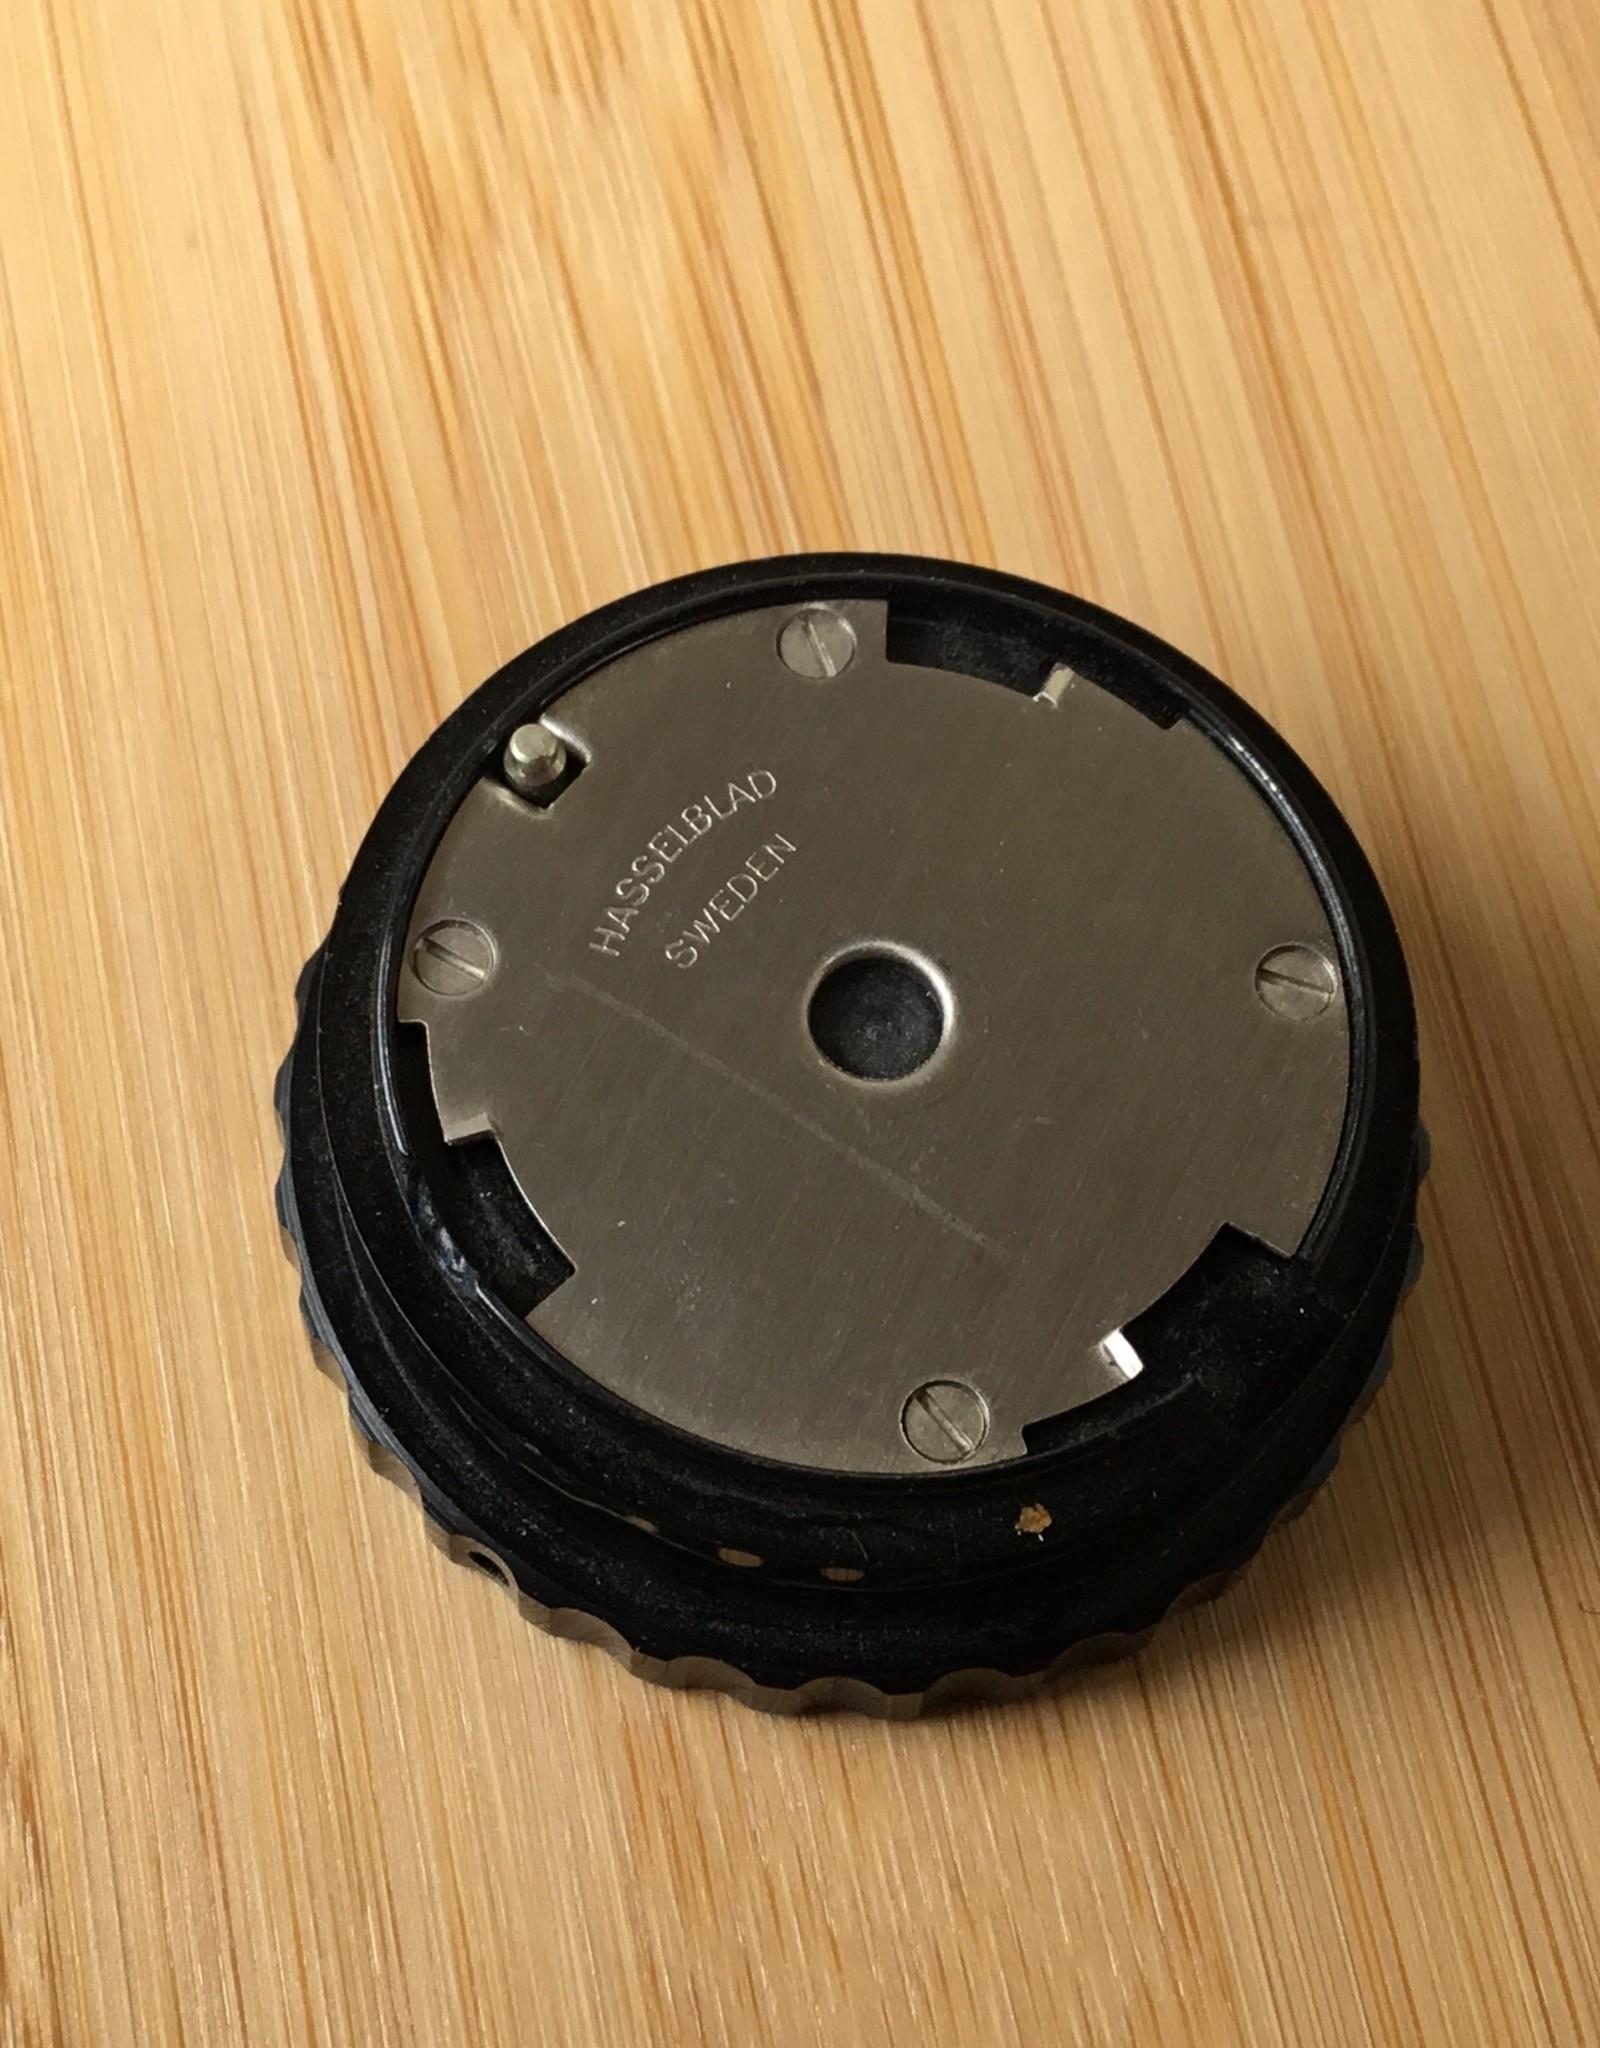 hasselblad Hasselblad Standard Winding Knob Used EX